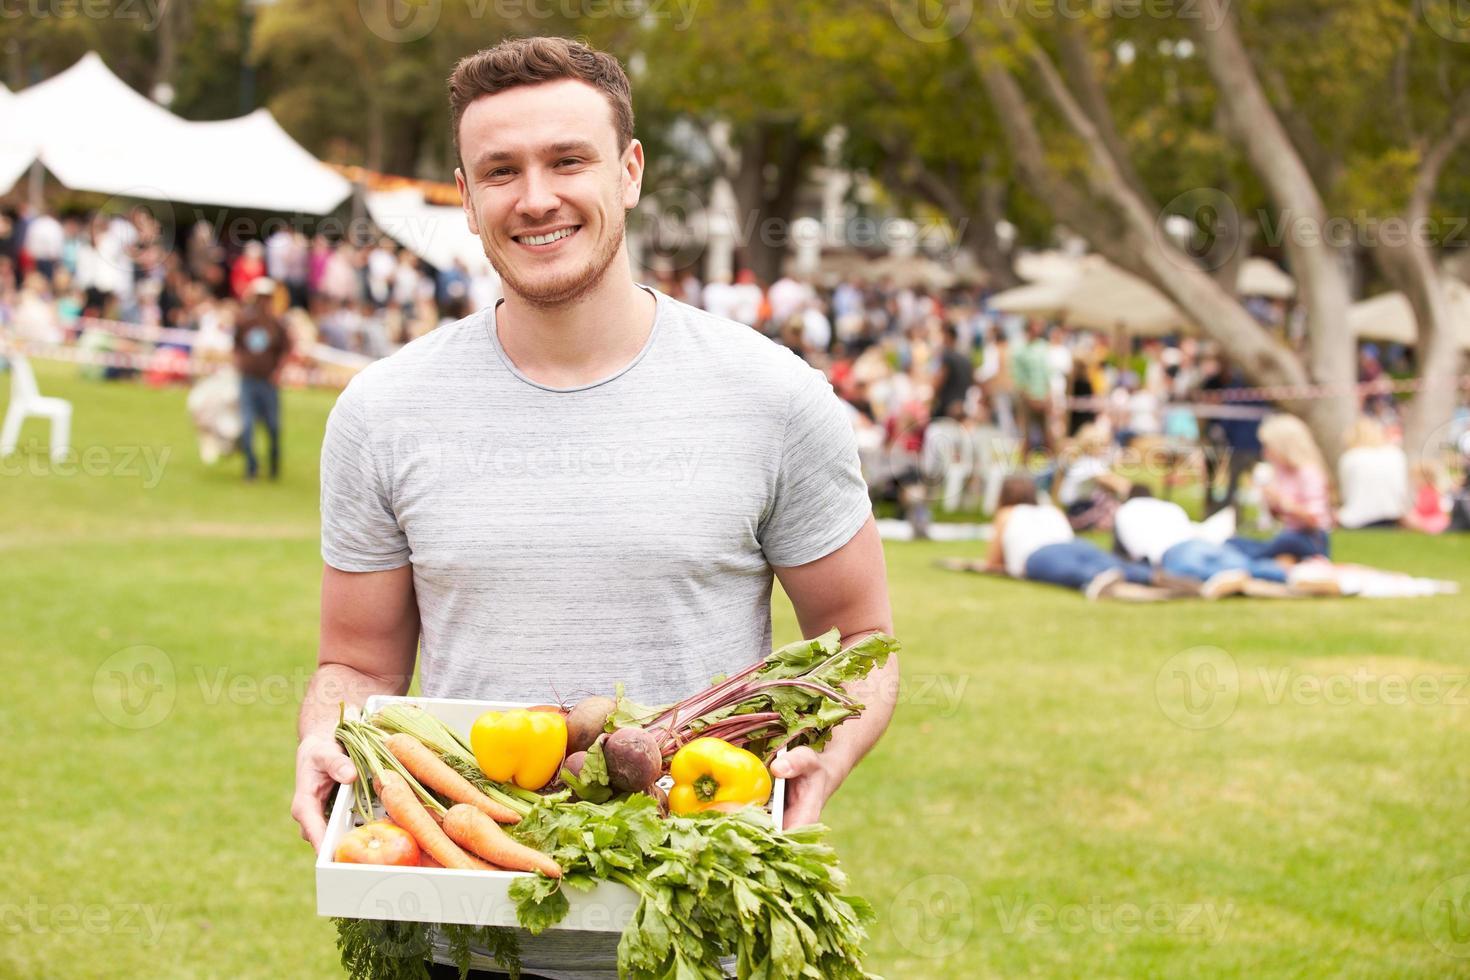 Hombre con productos frescos comprados en el mercado de agricultores al aire libre foto